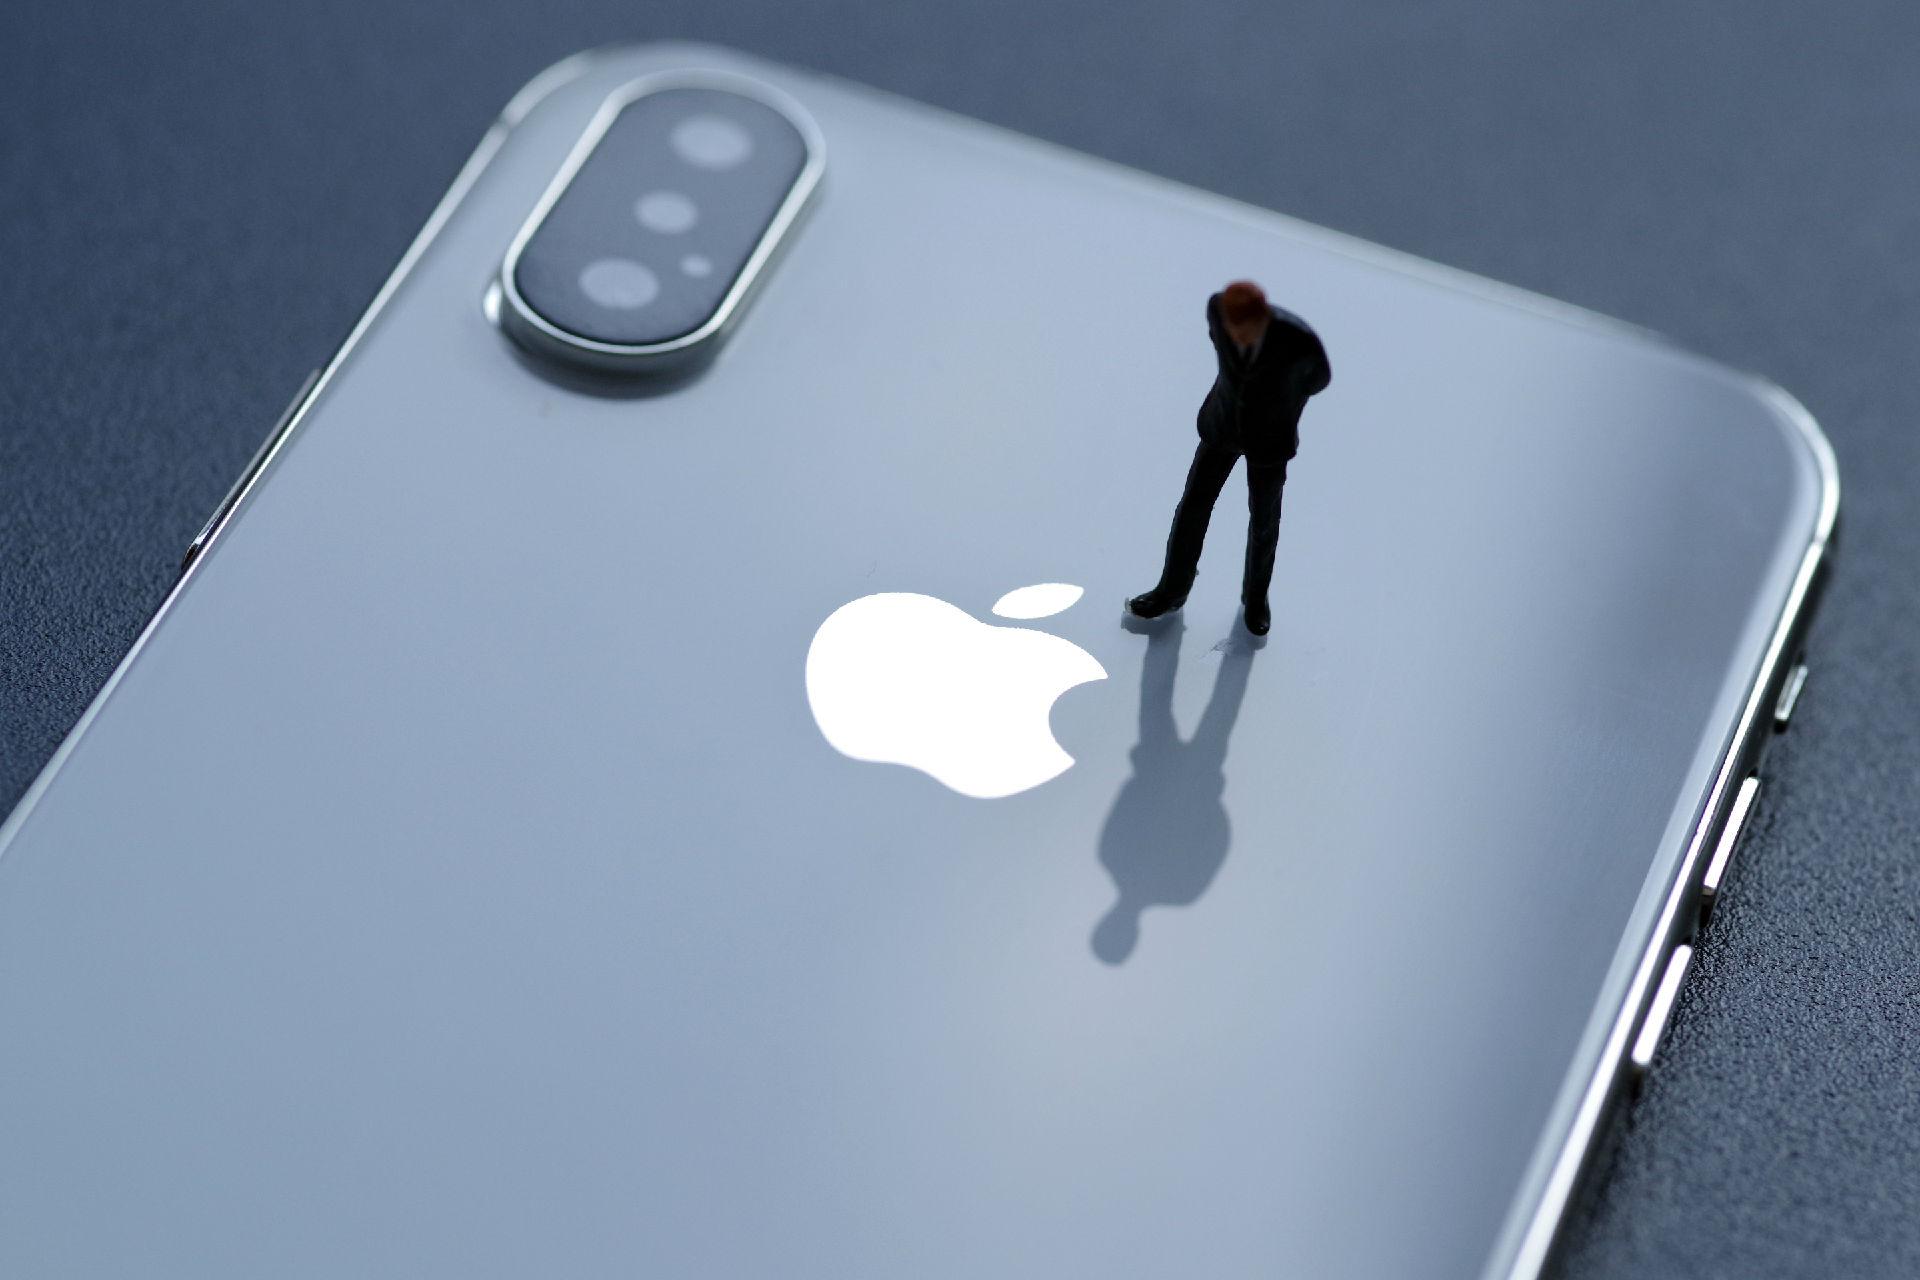 苹果第三财季净利润100.5亿美元同比降13%,连降三季度